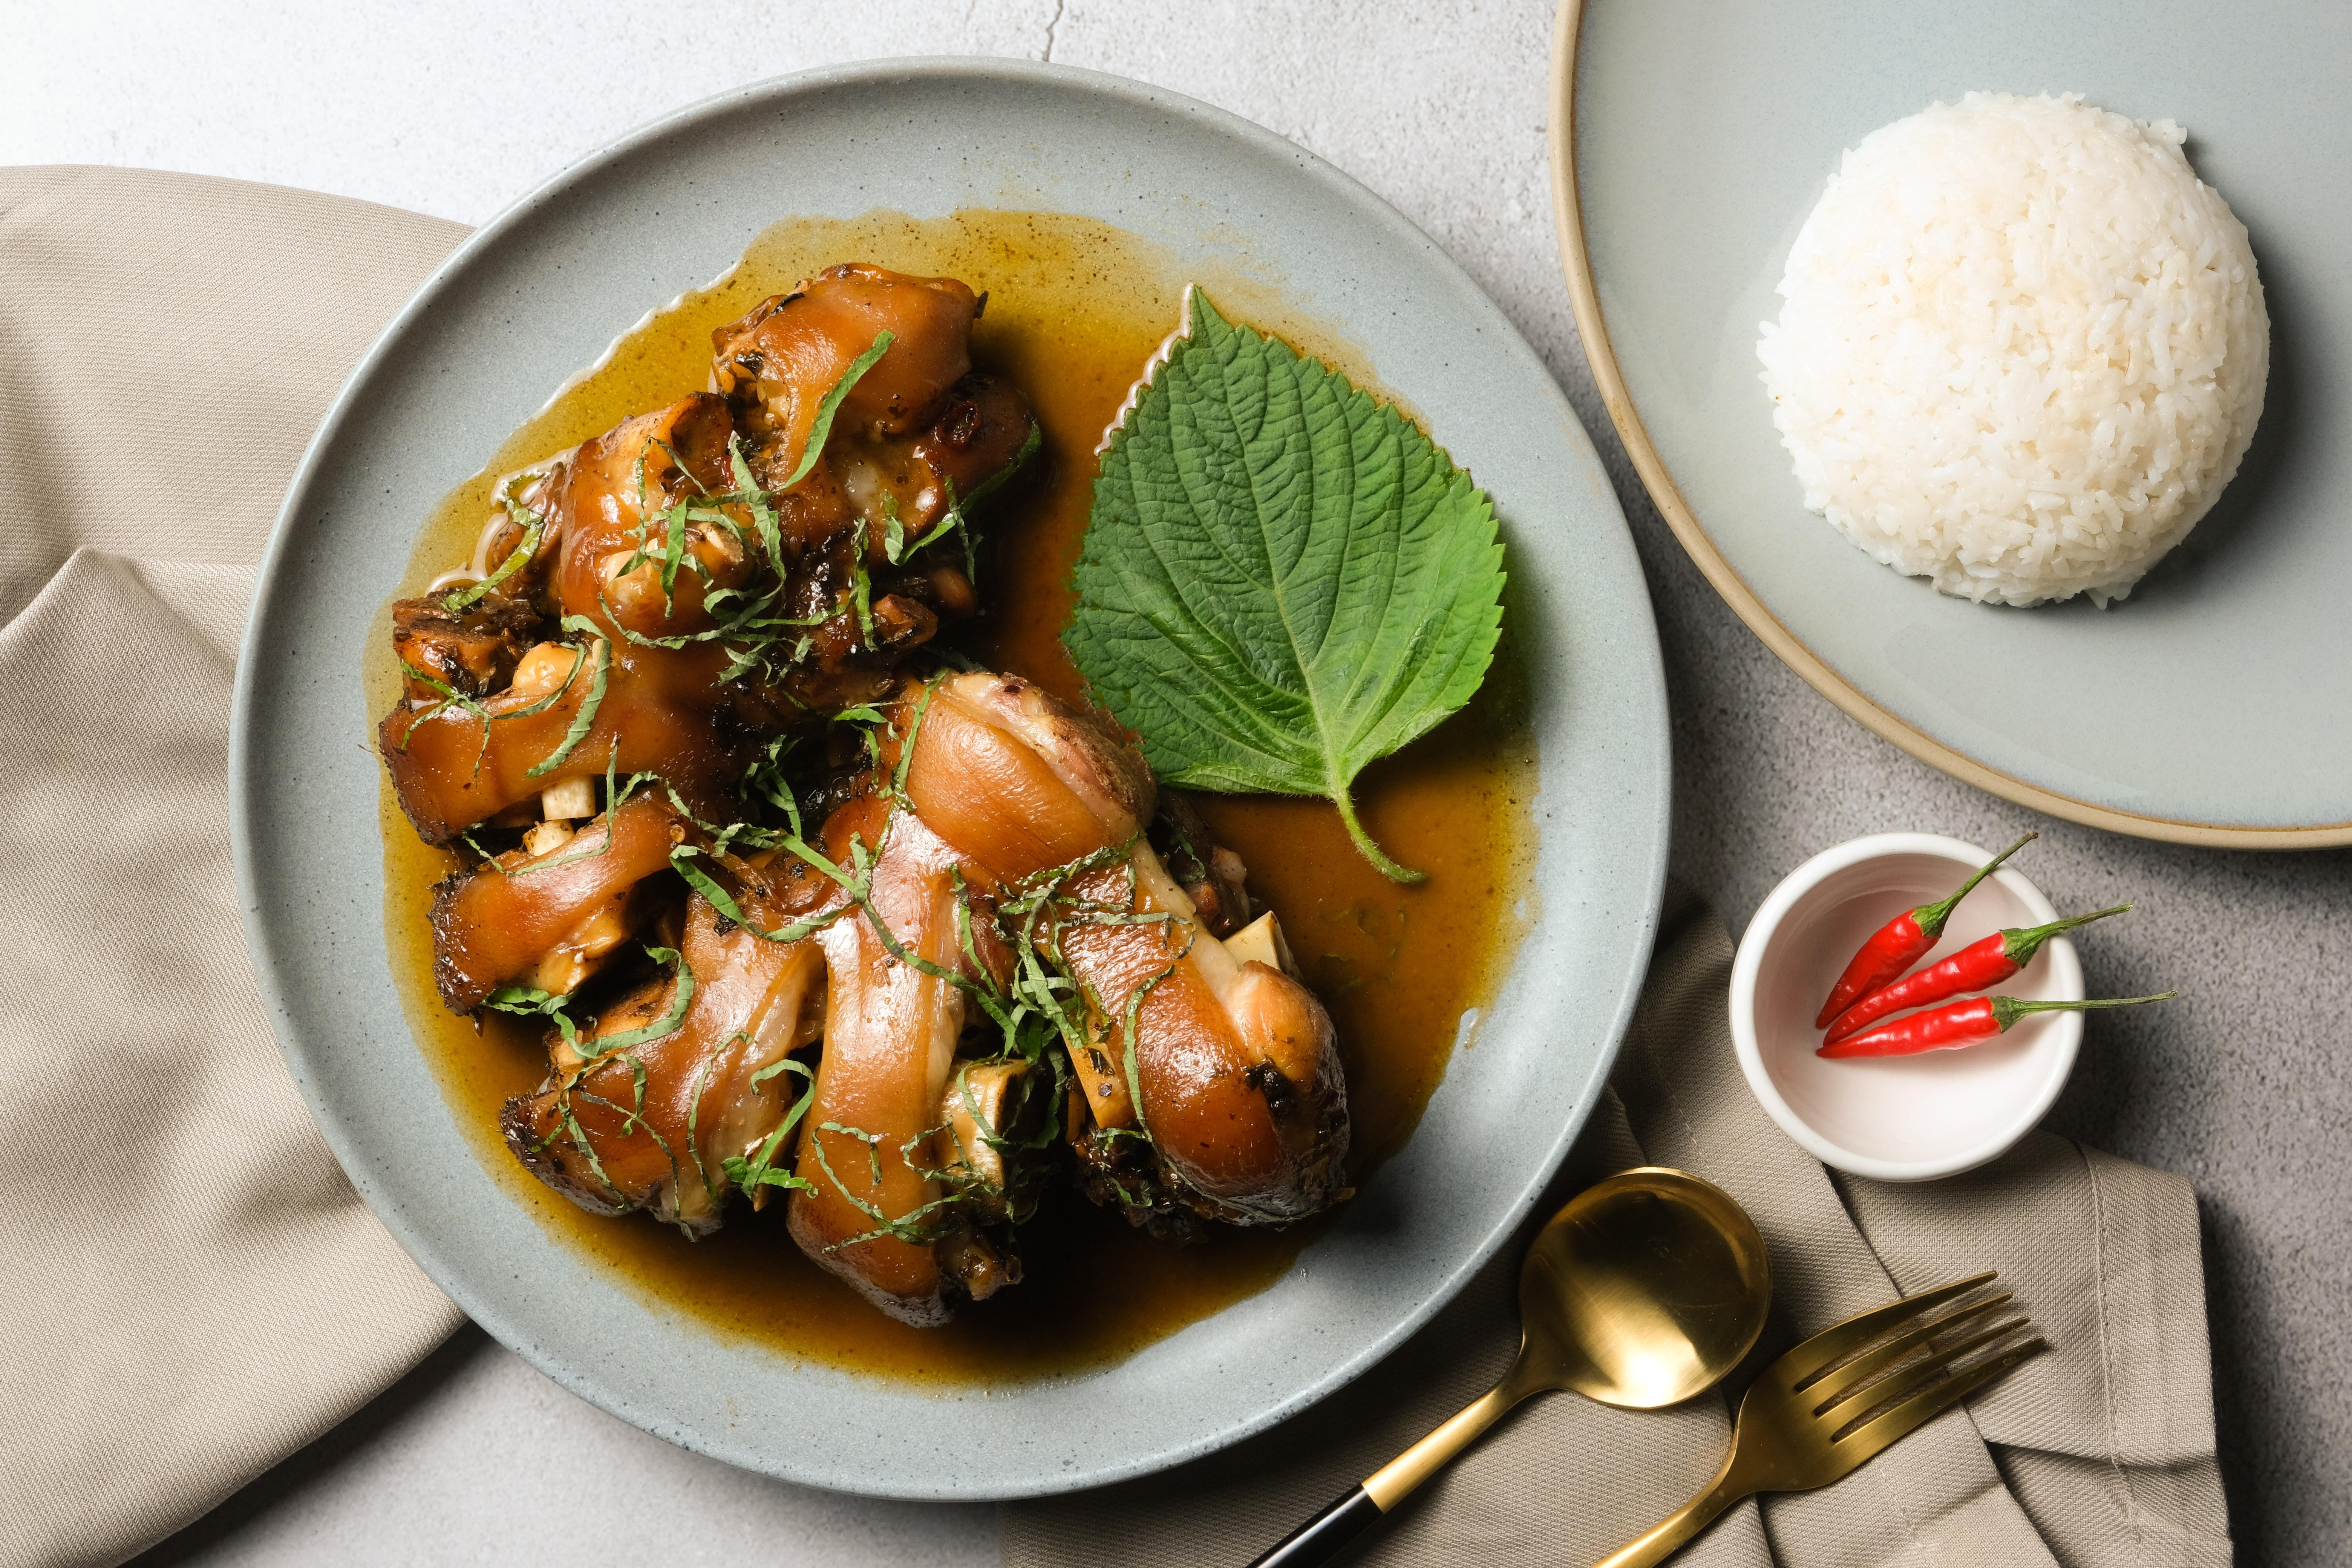 一盘是红烧猪蹄,旁边放着一小碗红辣椒,另一盘上面放着一堆白米饭;还有一把叉子和一把勺子,还有一张米色的餐巾,放在盛猪蹄的盘子下面。